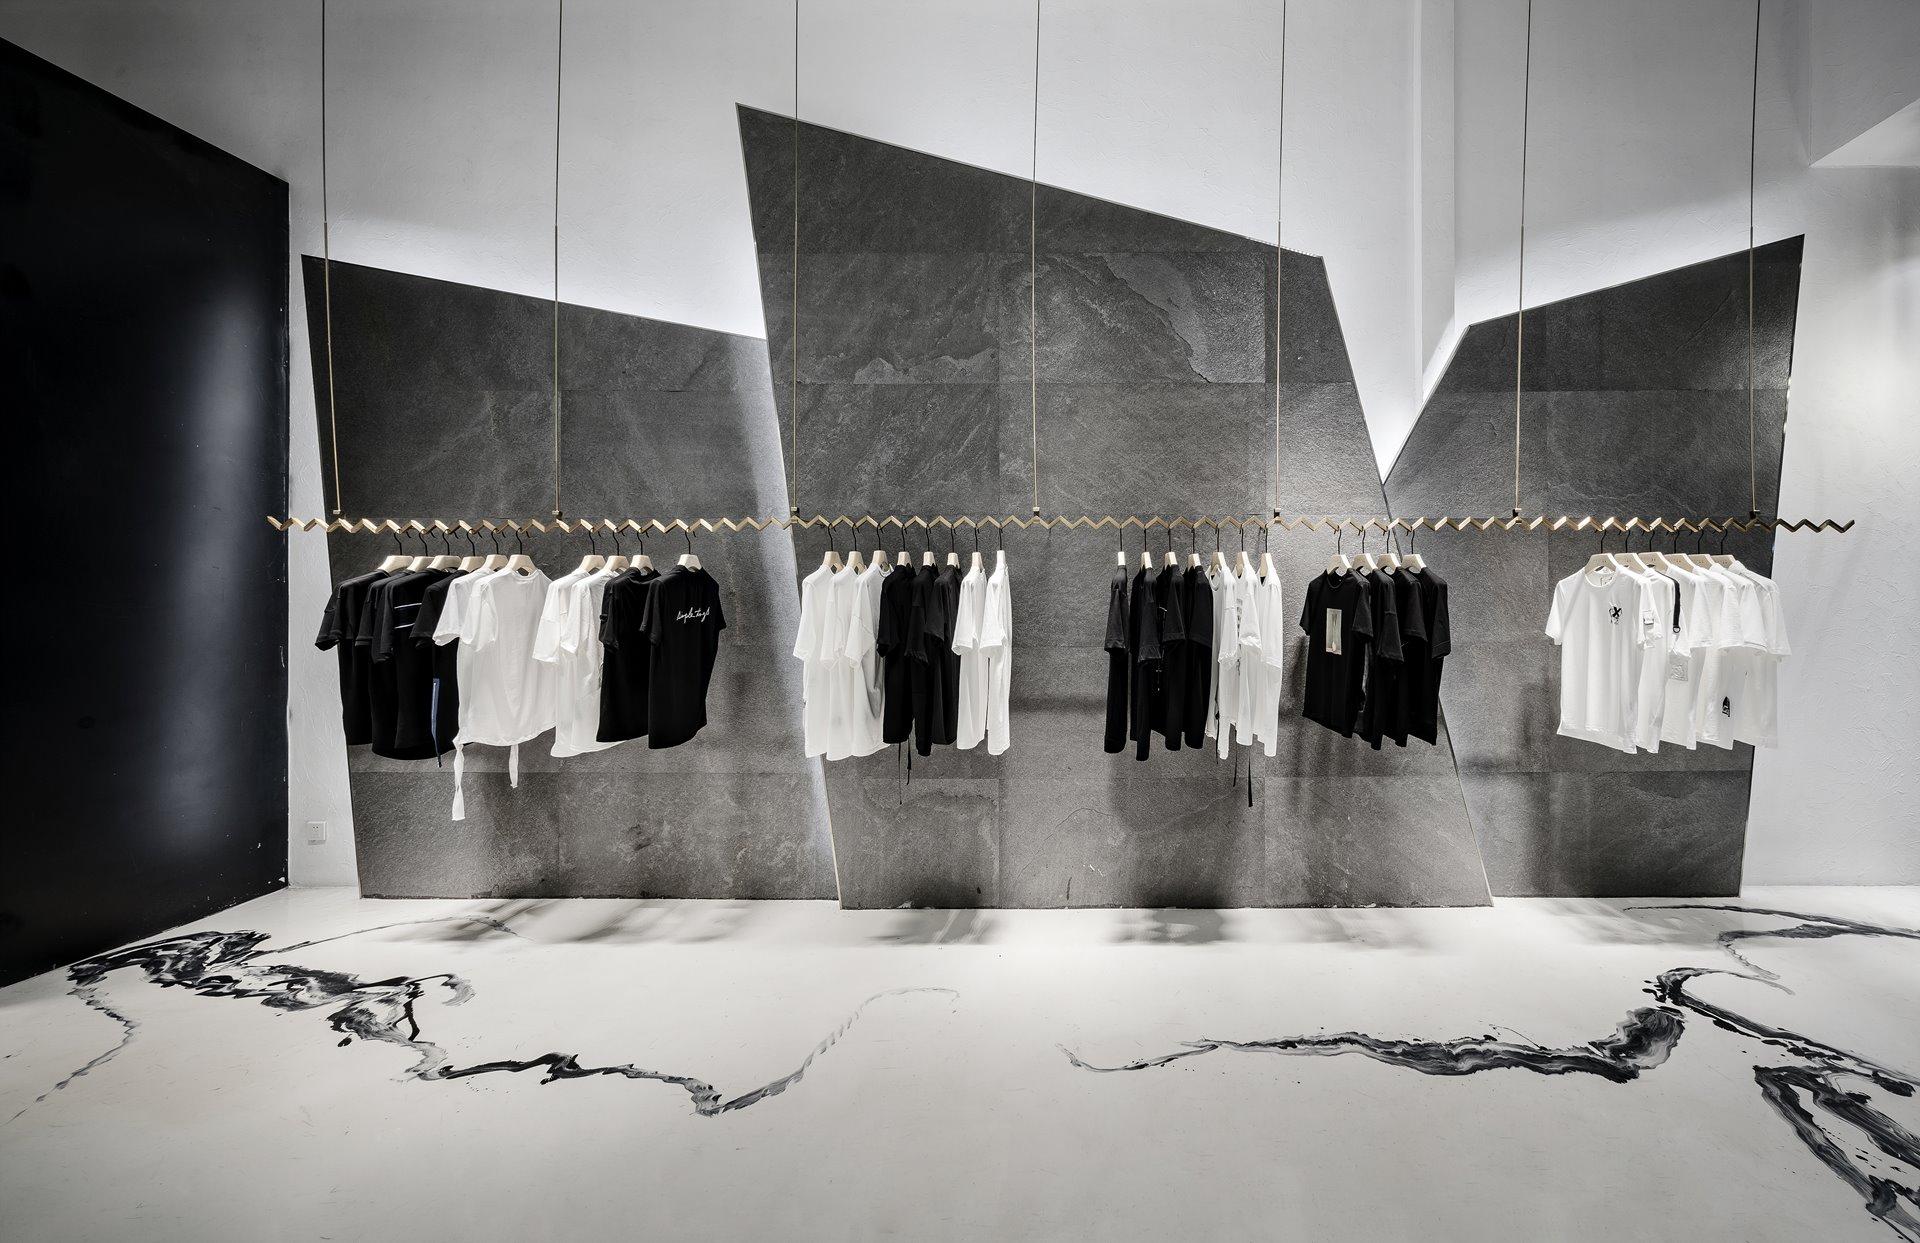 漂亮的服装店装修风格有哪些?这几种风